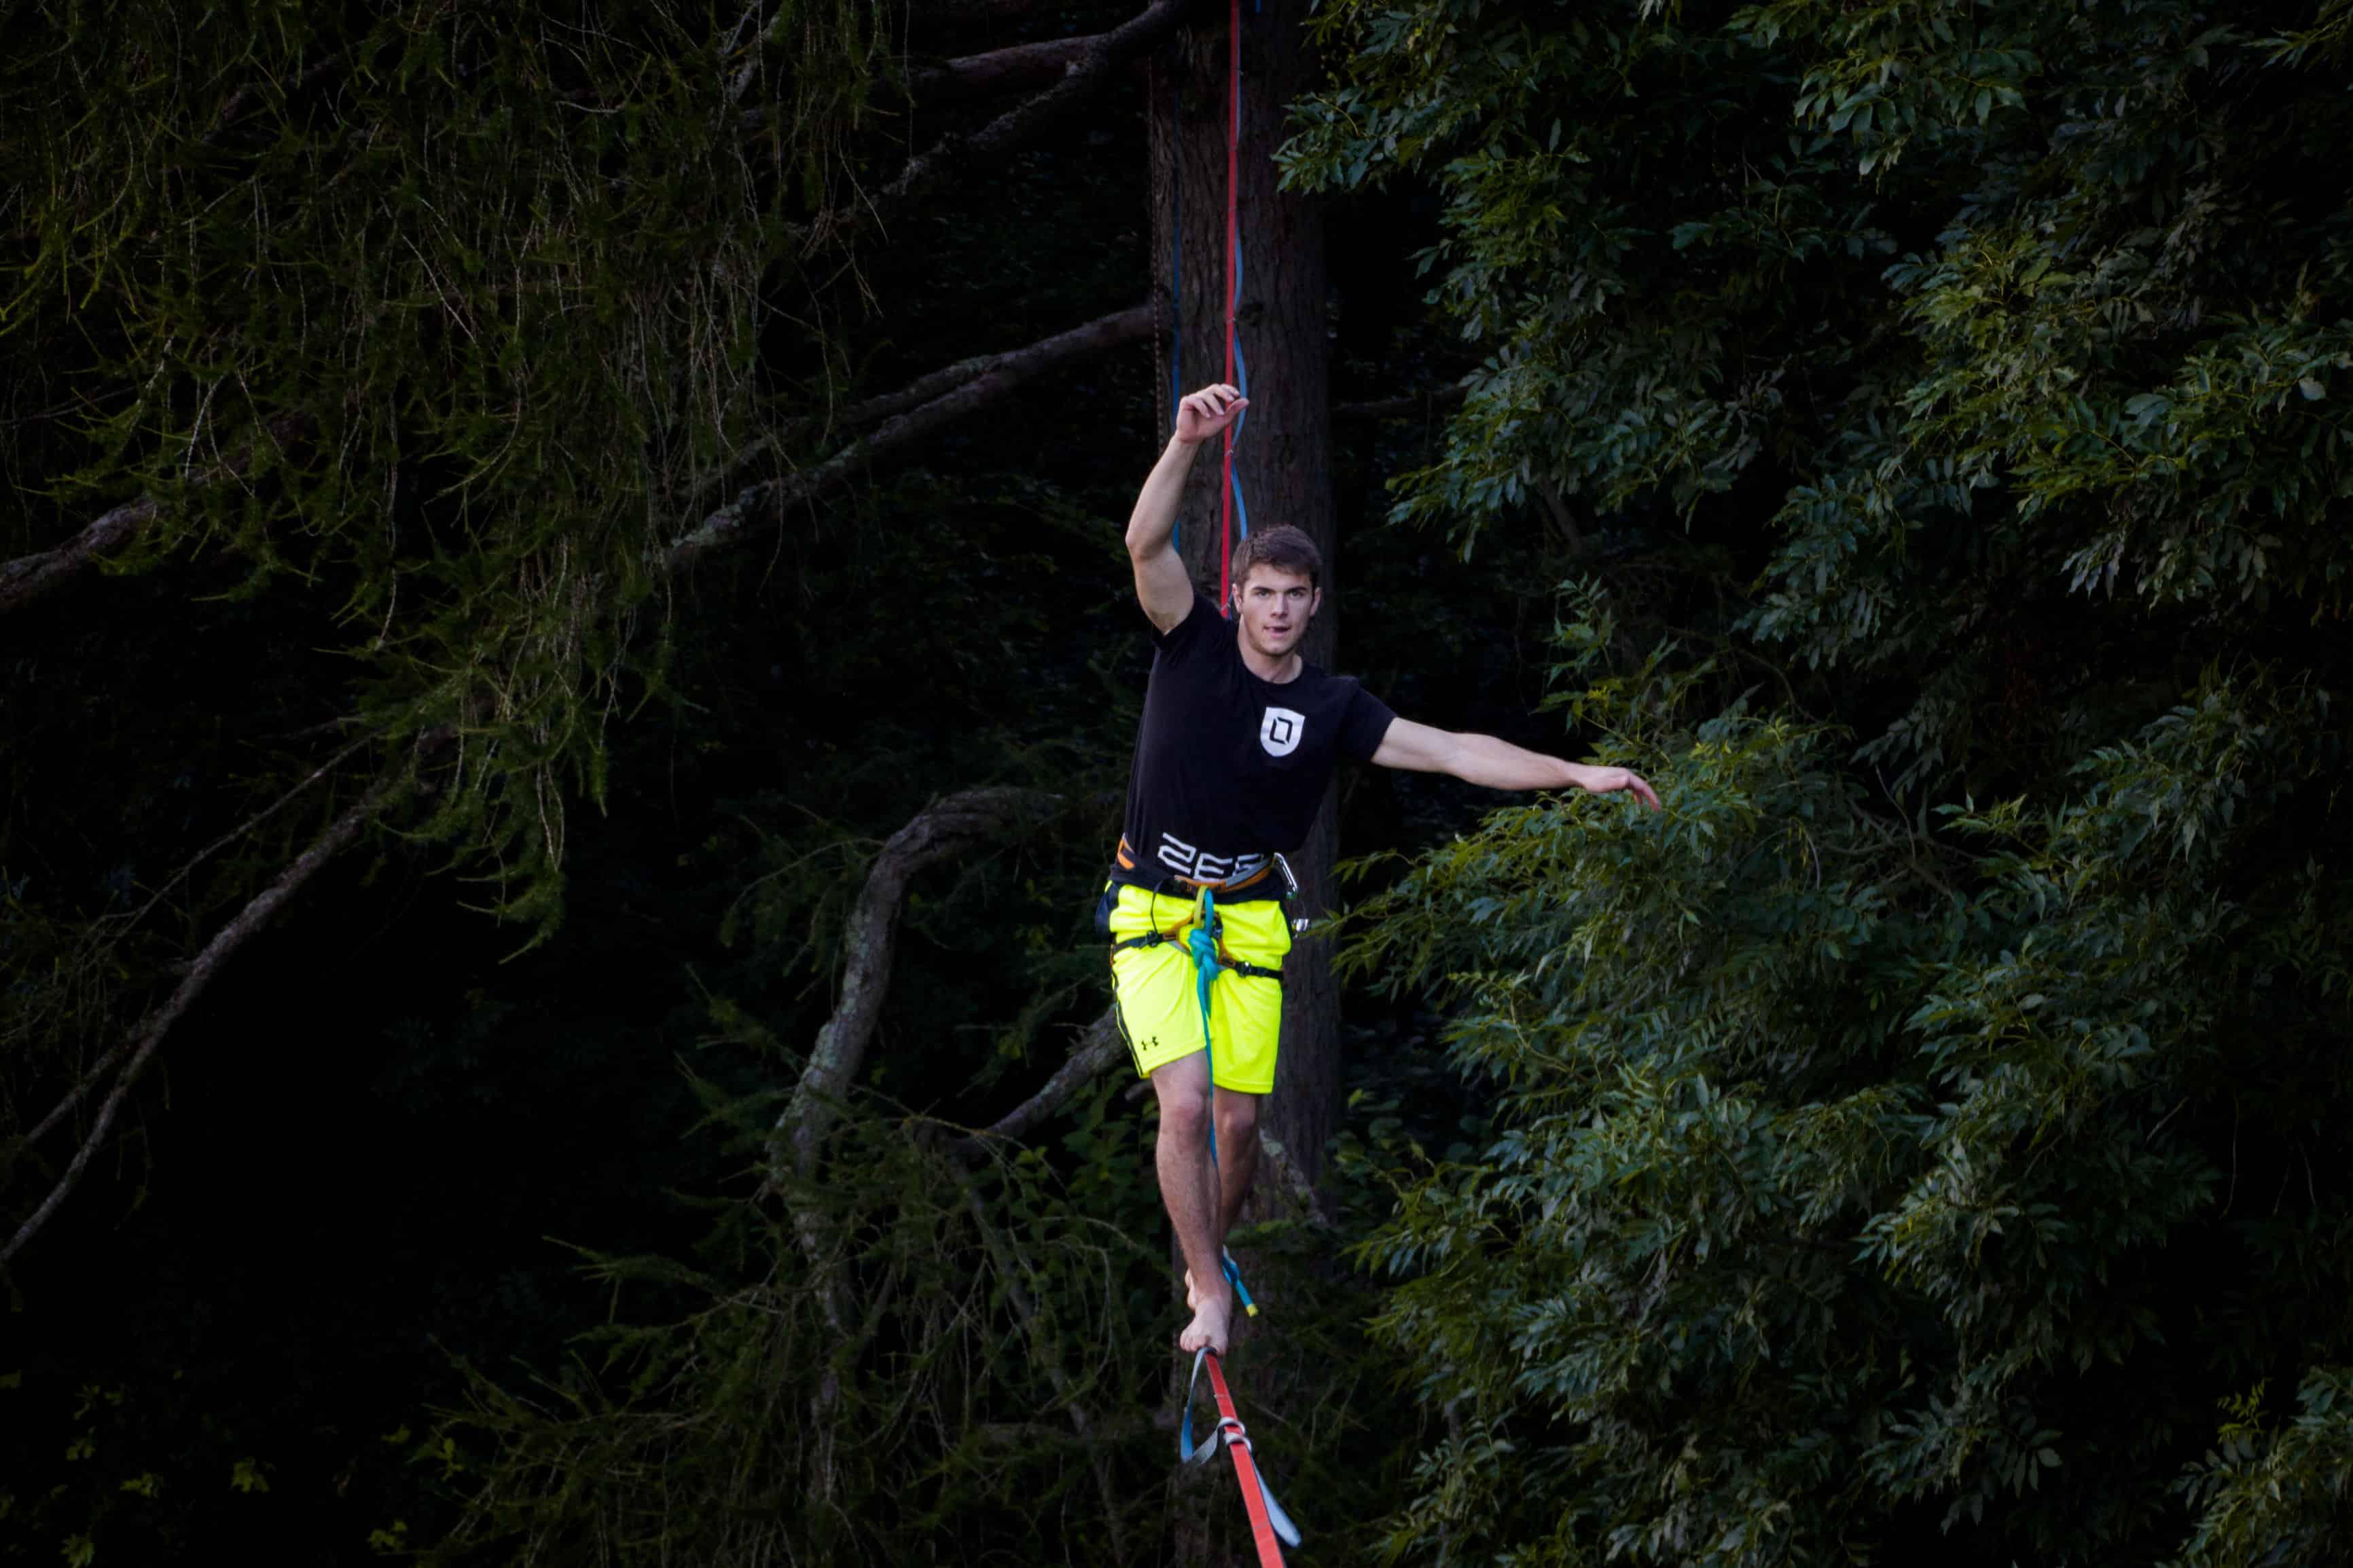 onetotwo athlete moritz hamberger auf einer highline im wald total konzentriert